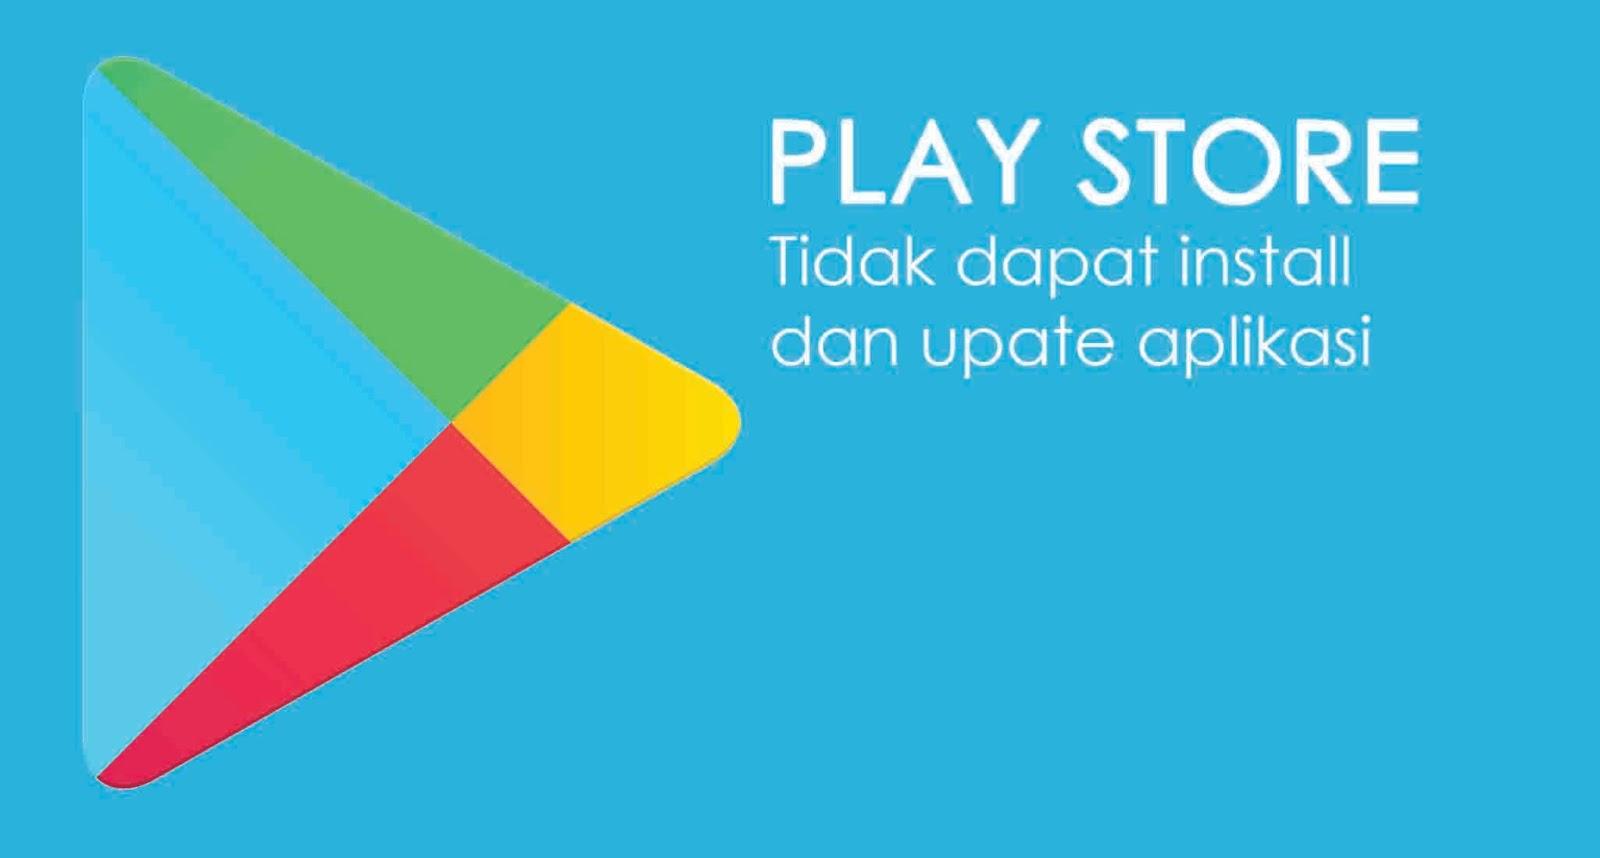 Cara perbaiki playstore tidak bisa update aplikasi